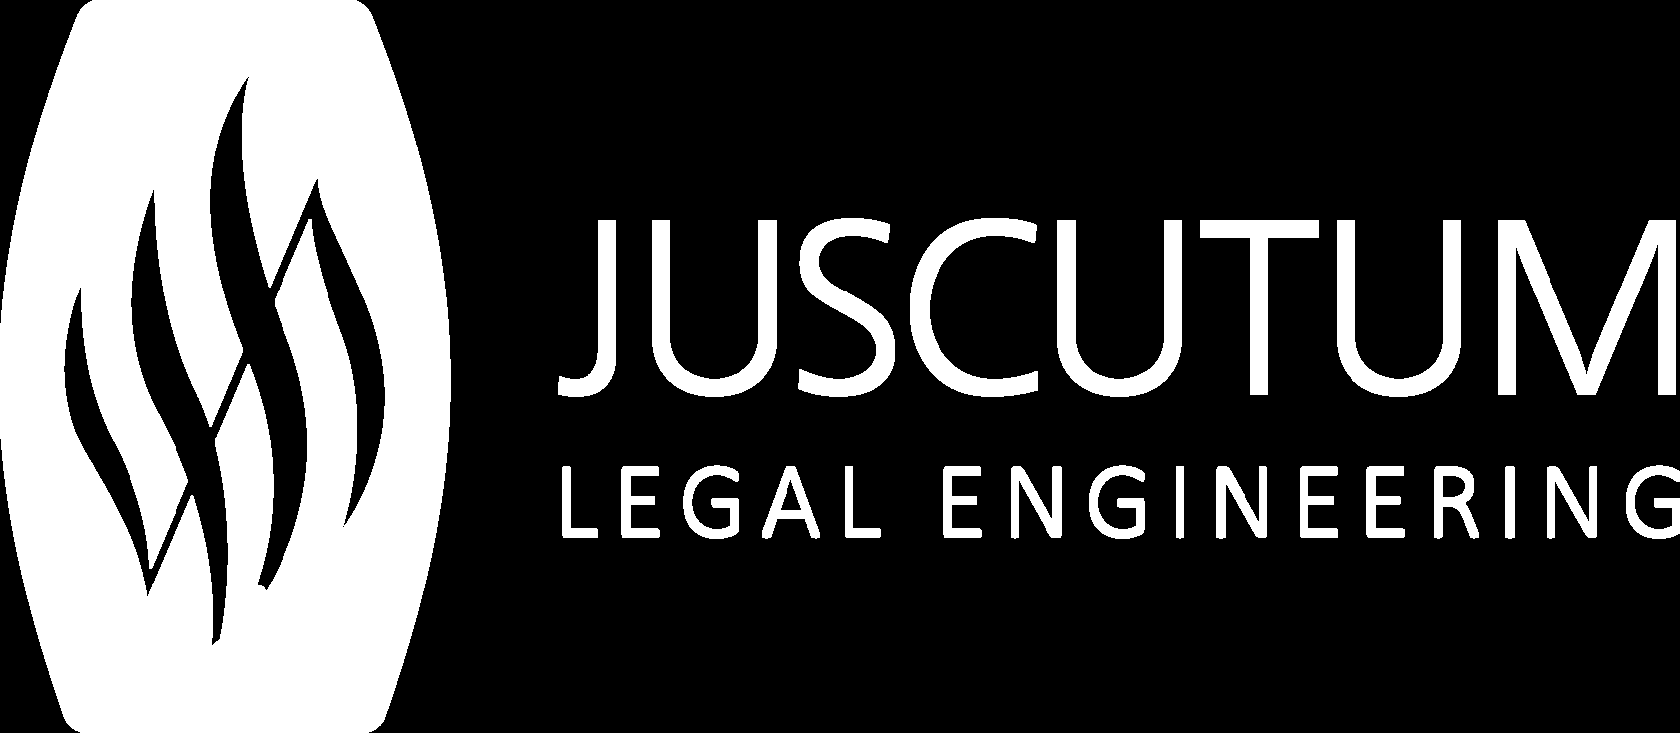 Juscutum